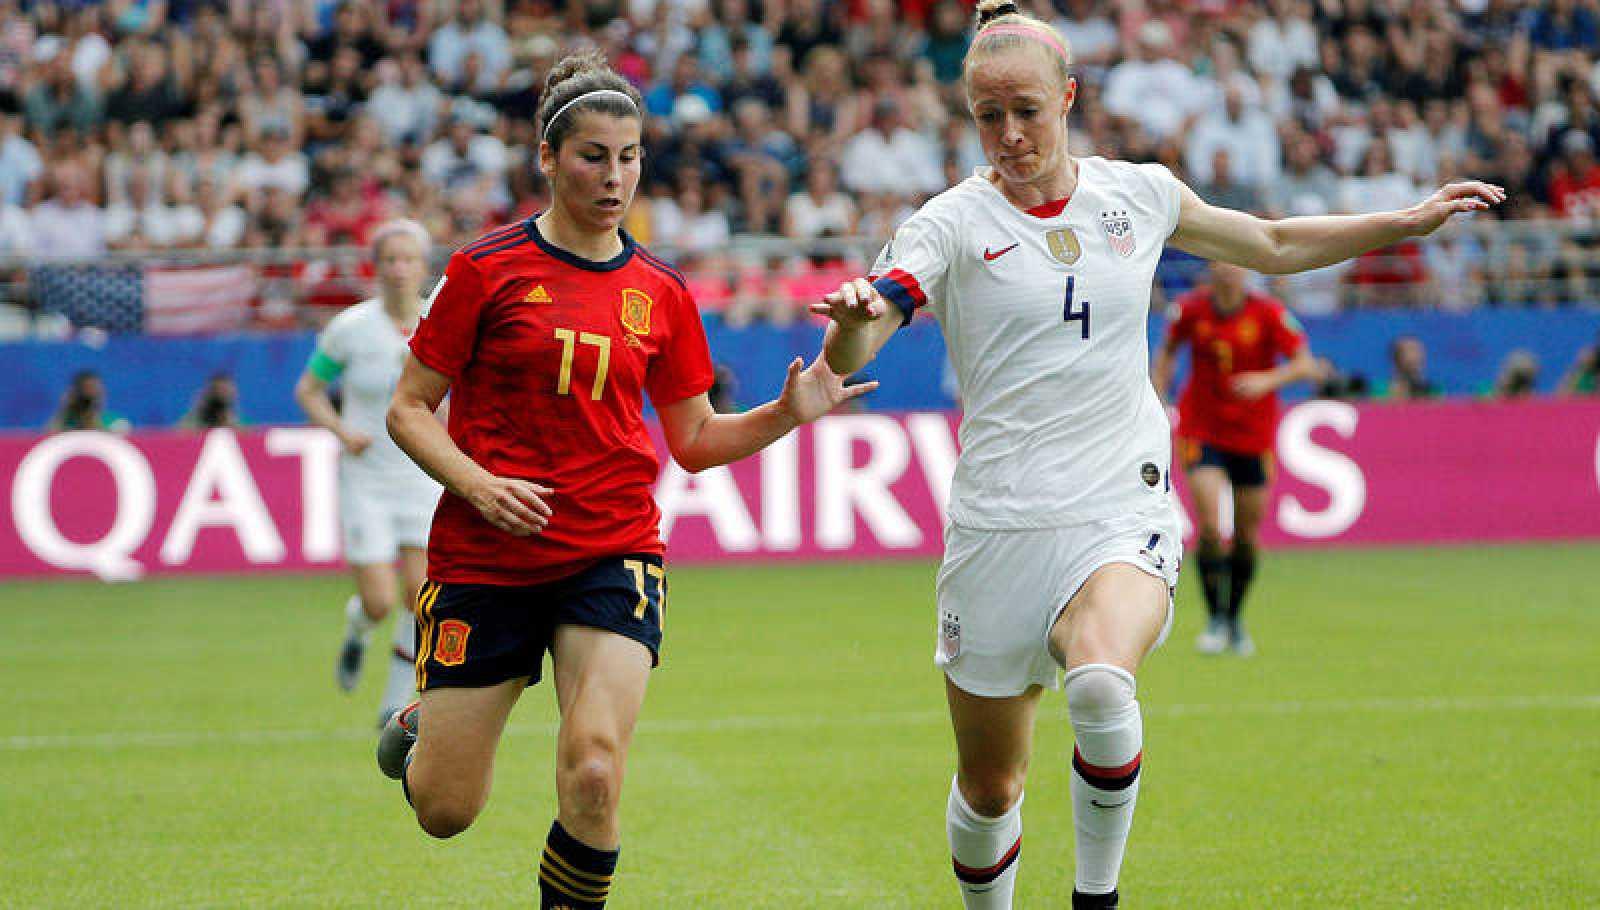 España volverá a enfrentarse a Estados Unidos, su rival en octavos del pasado Mundial.